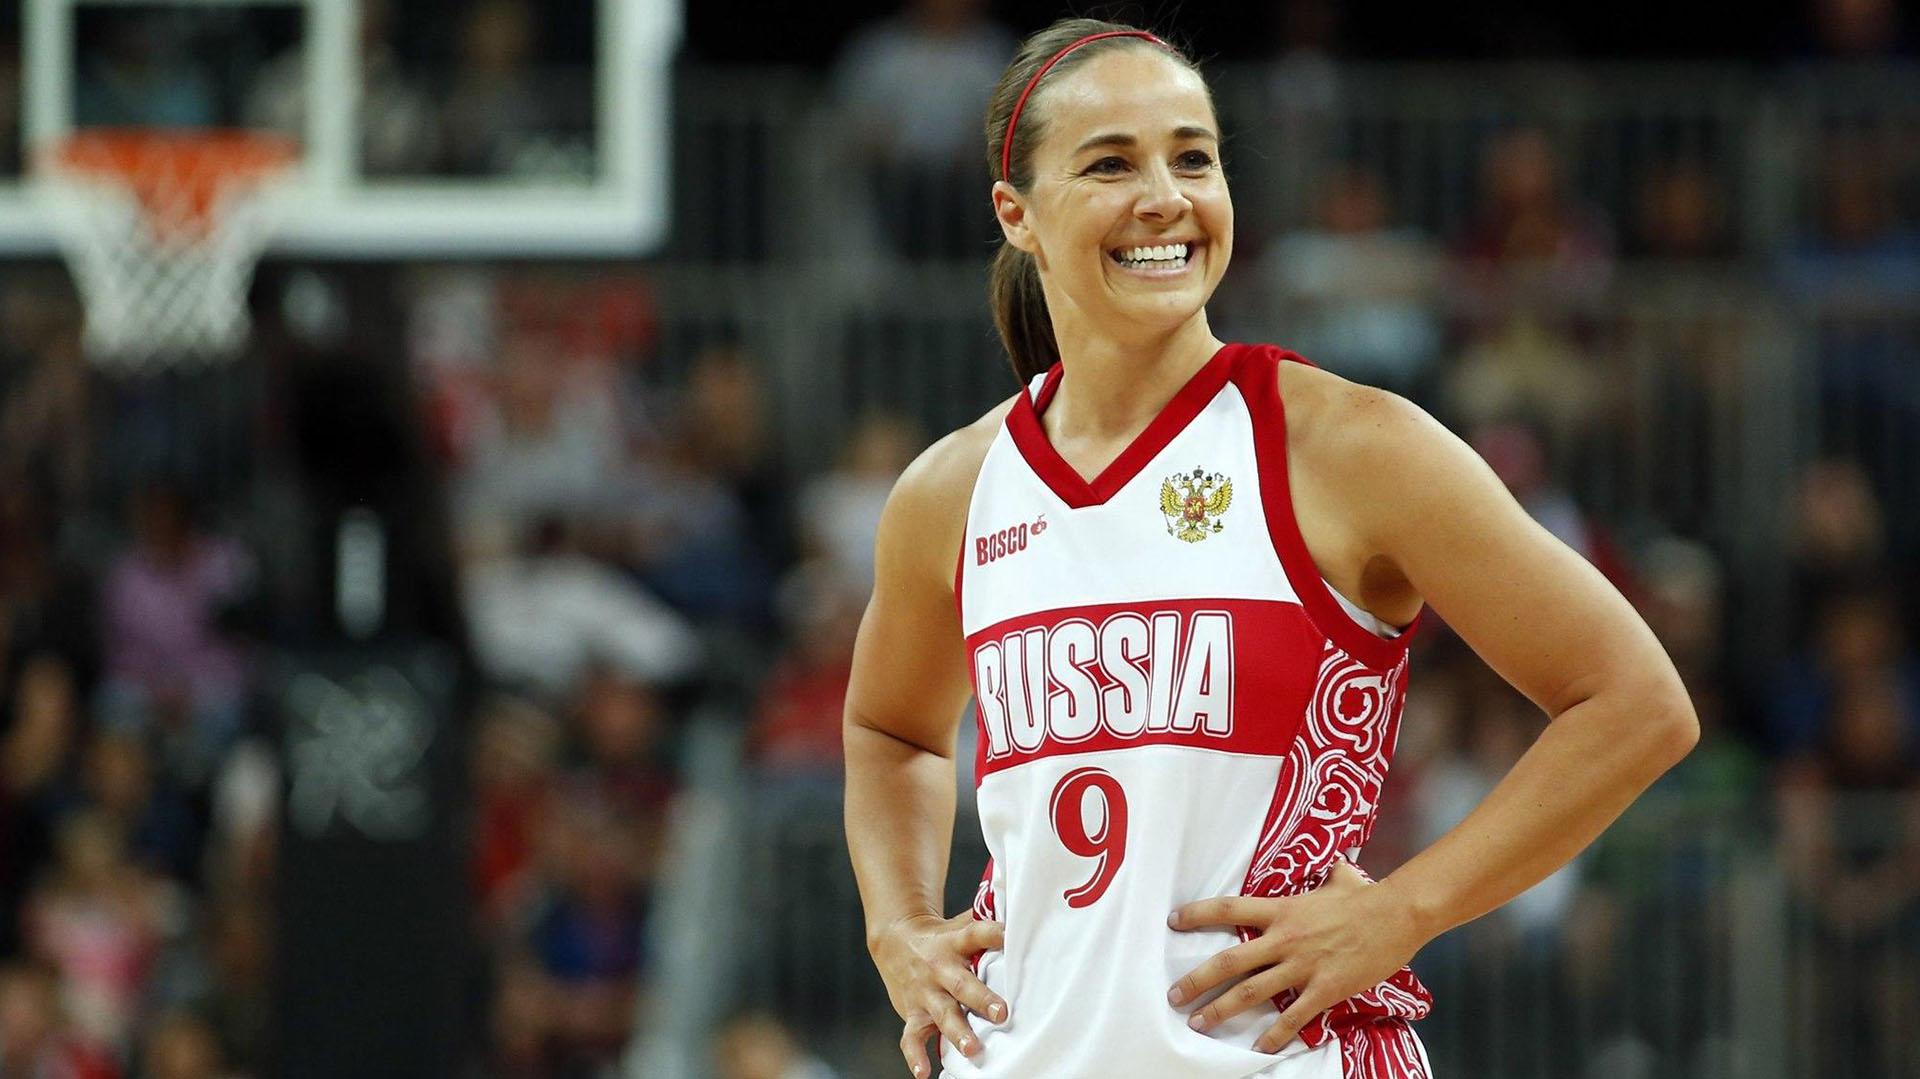 Quién es Becky Hammon, la mujer que rompe esquemas en los San Antonio Spurs  y que podría hacer historia en la NBA - Infobae